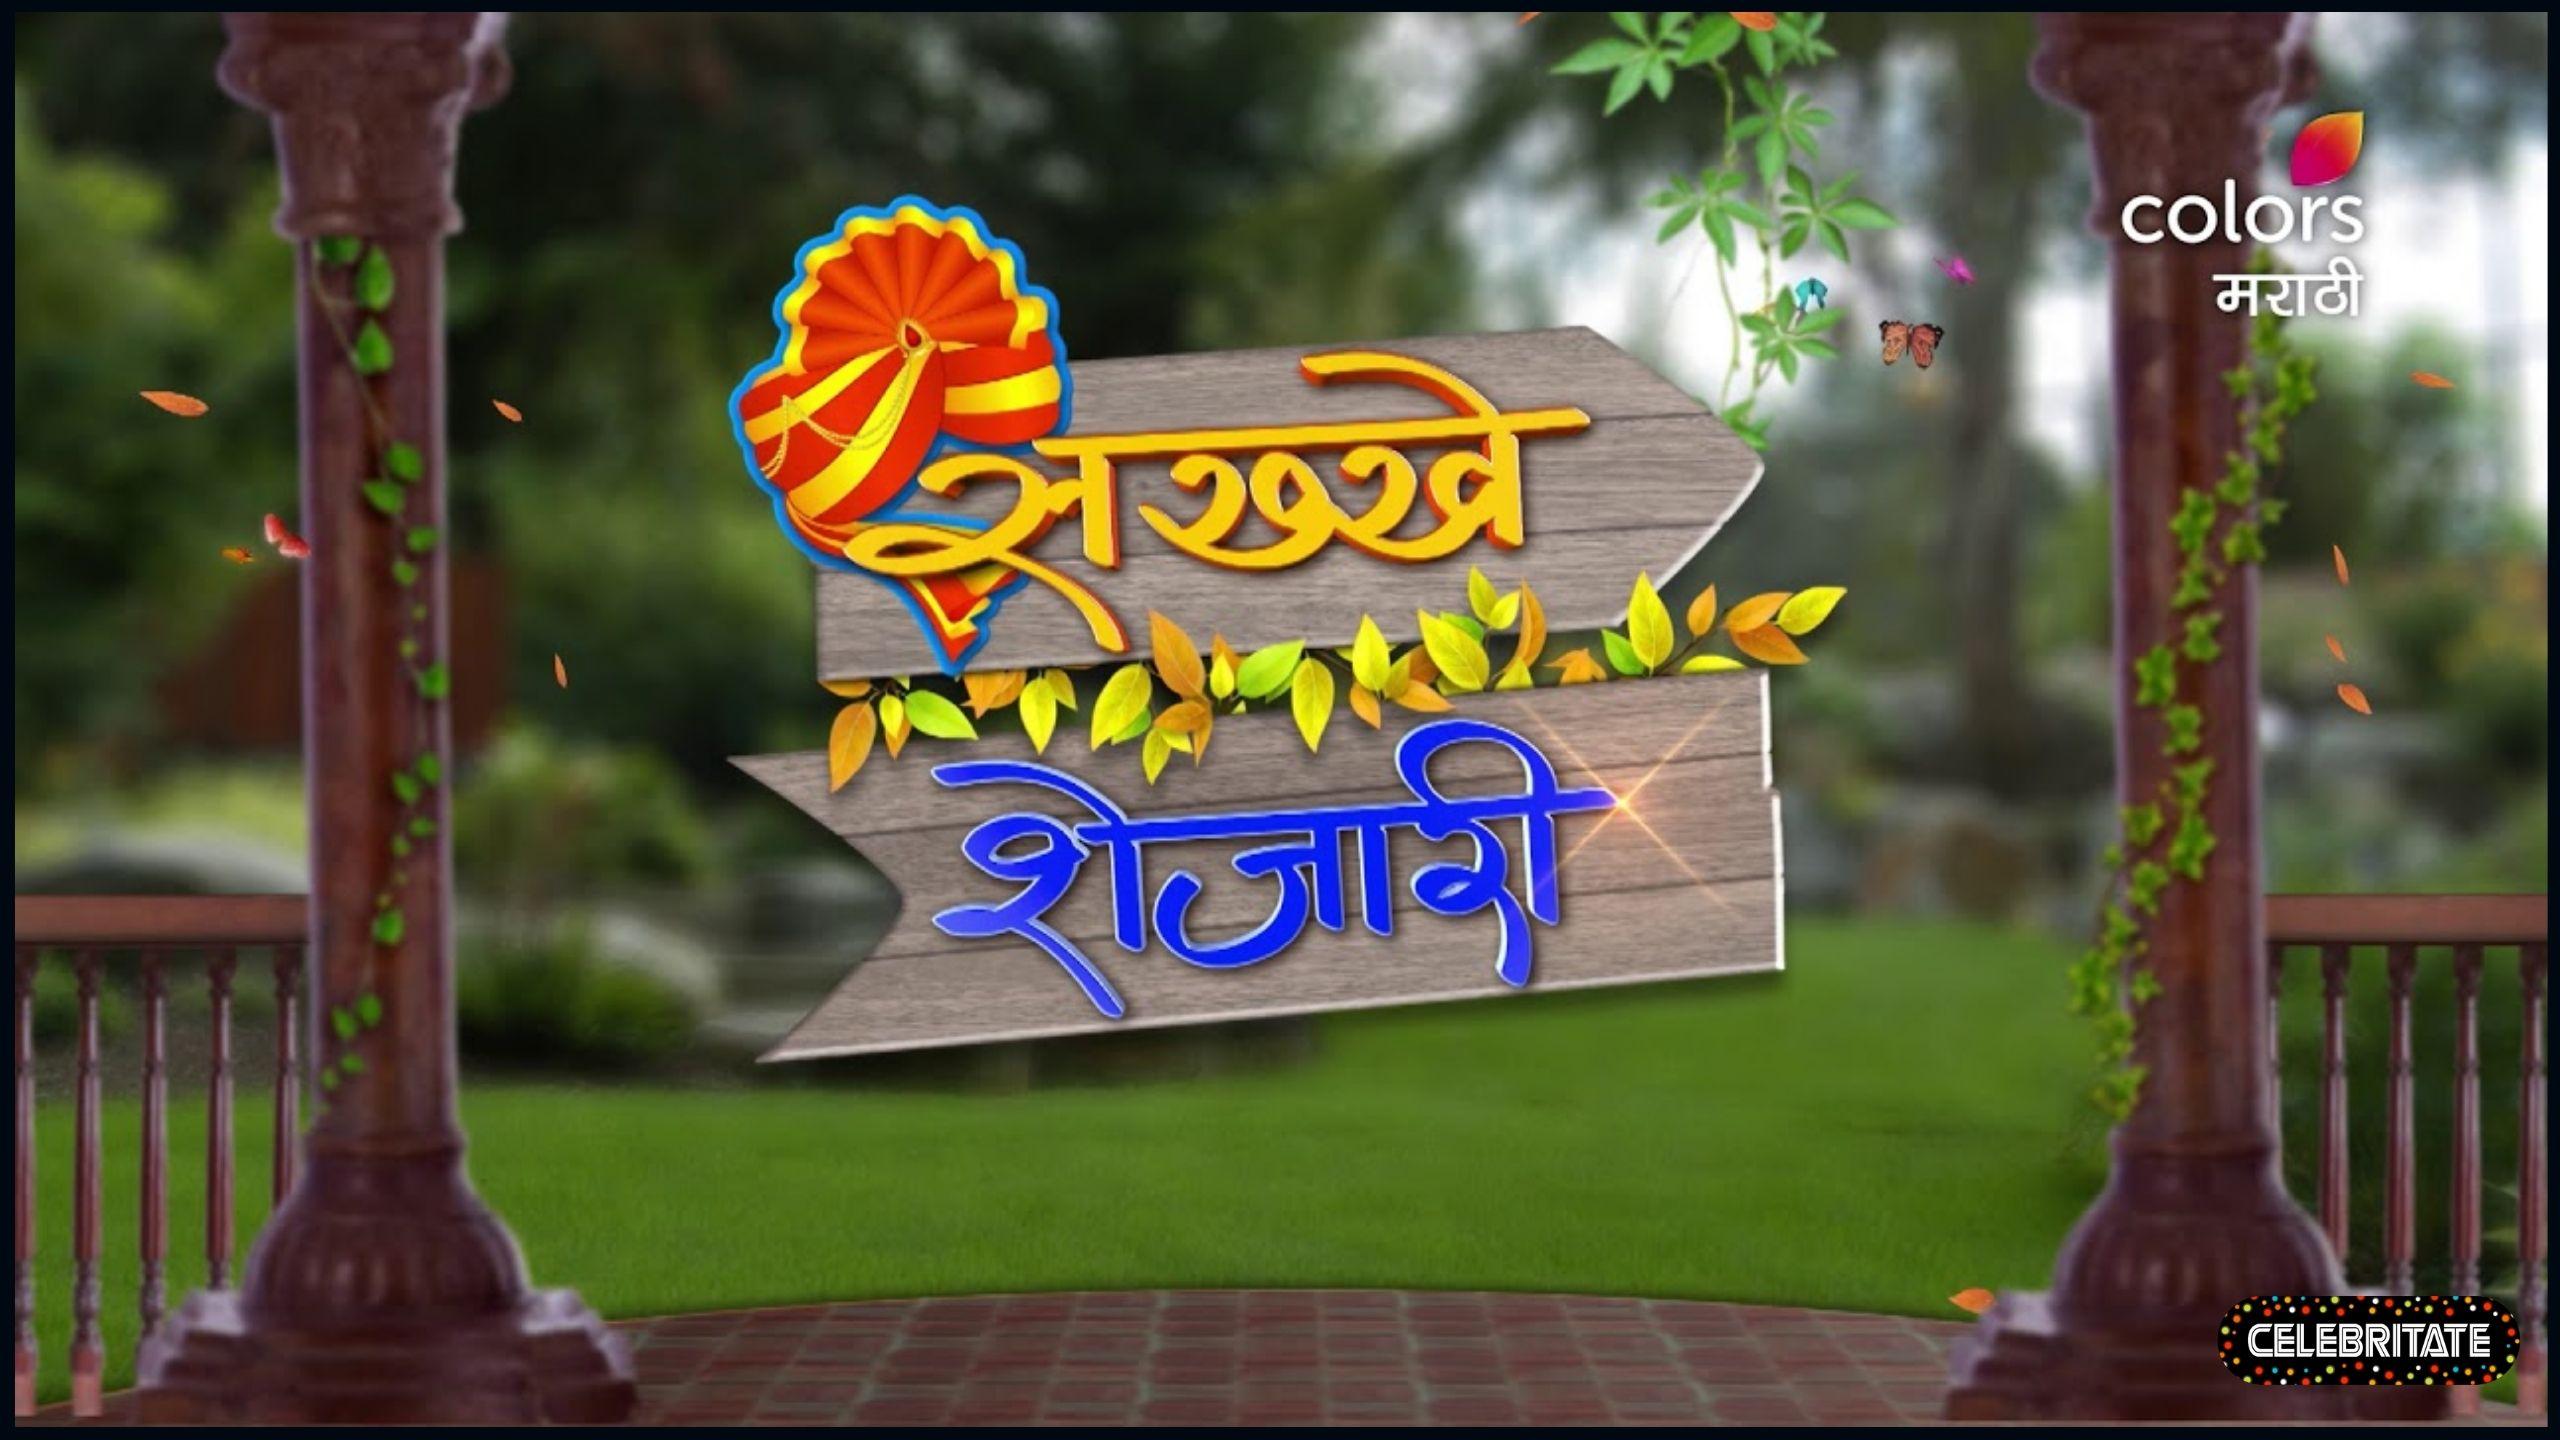 Sakkhe Shejari (Colors Marathi)